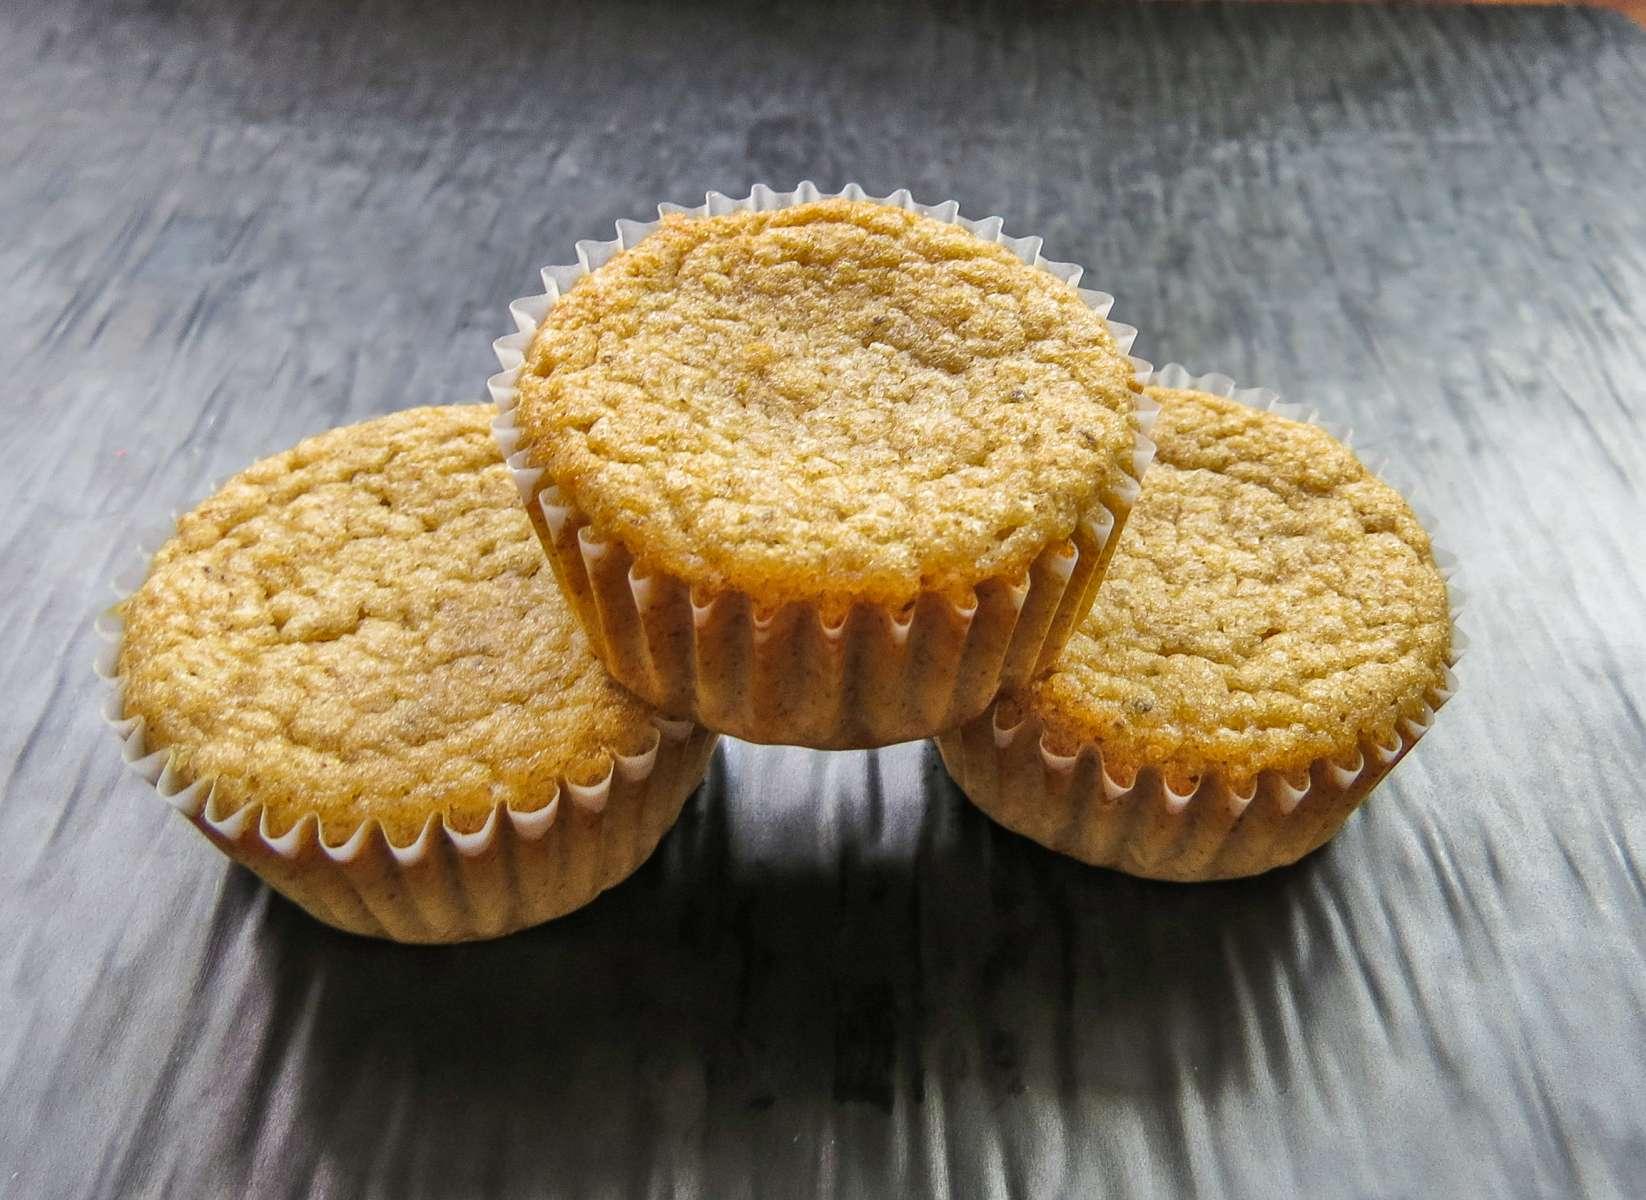 Muffin babe — 11